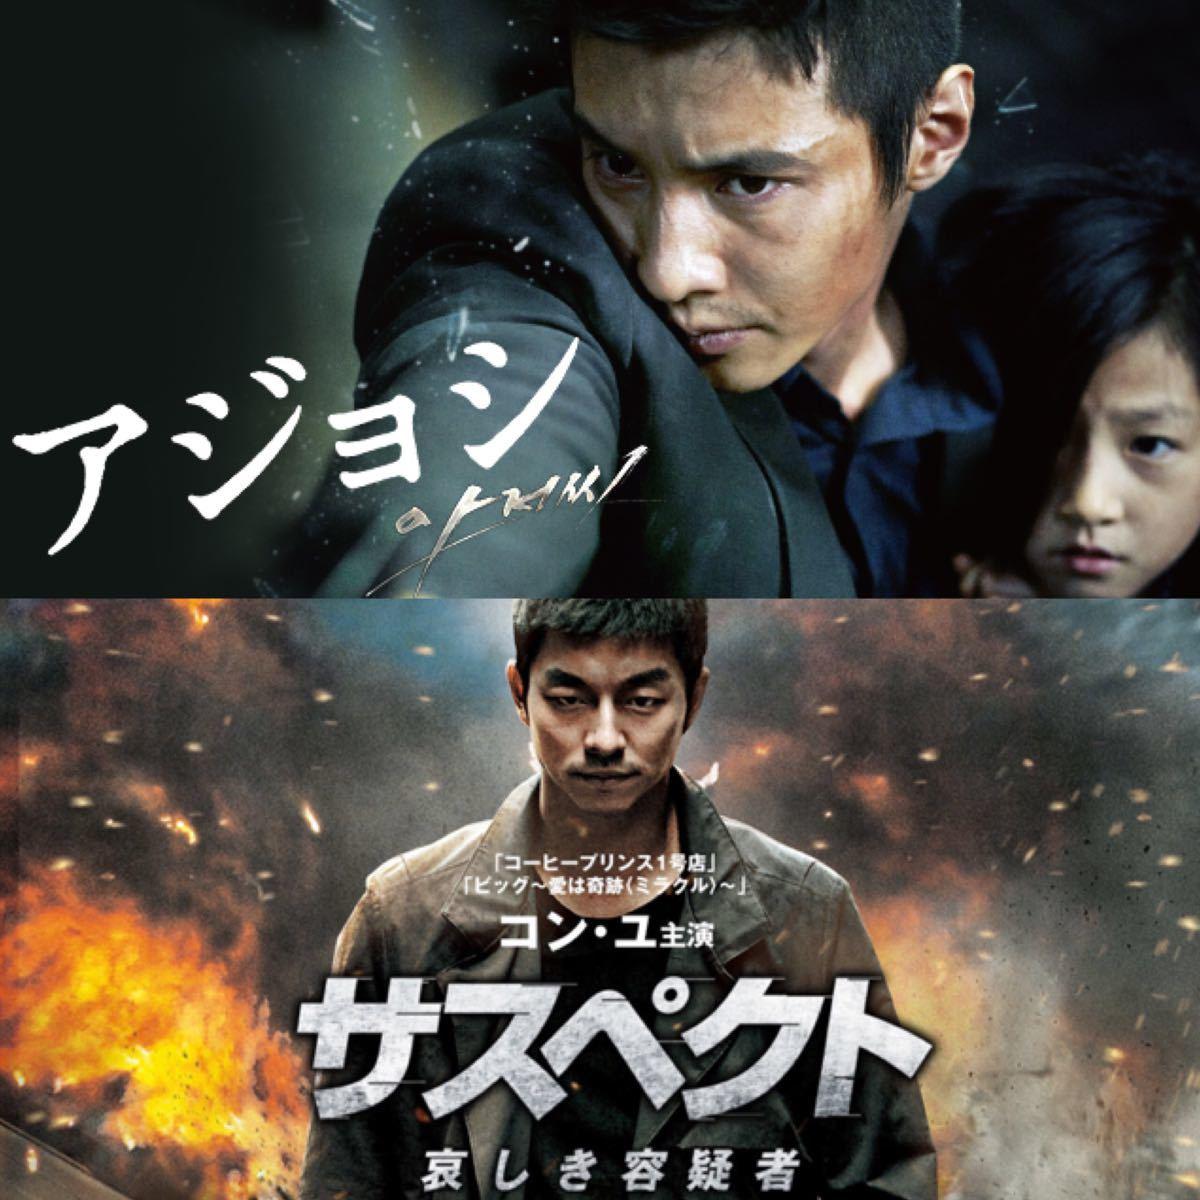 韓国映画  サスペクト  アジョシ  DVD  2点セット  日本語吹替有り  レーベル有り